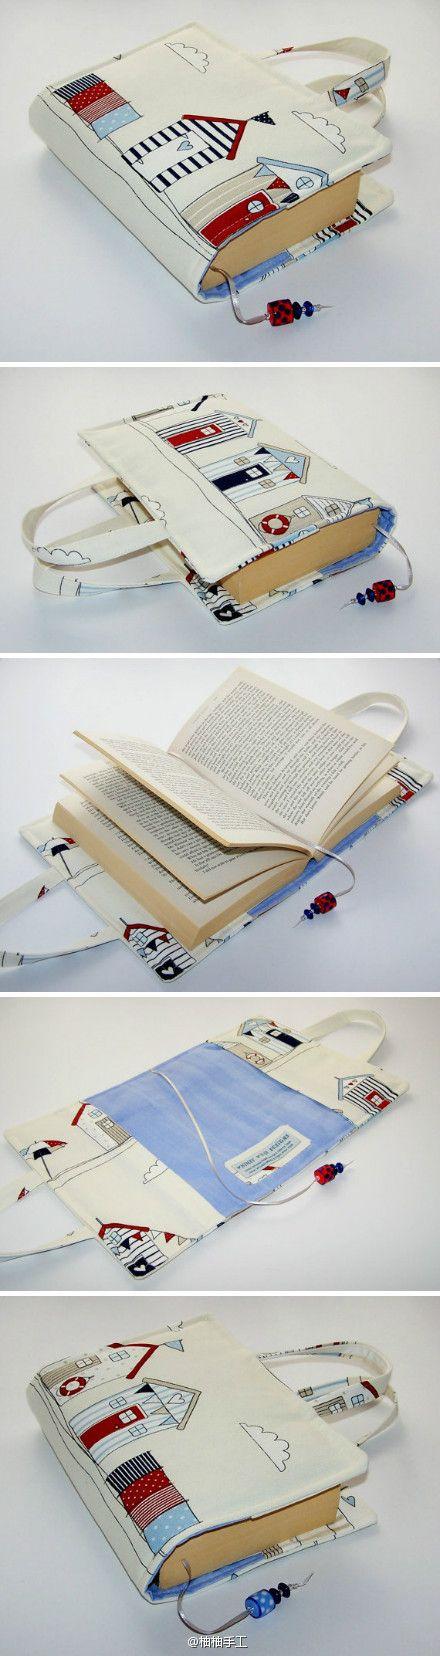 Come conciliare creatività, femminilità e devozione per la lettura :) Una custodia porta libro da passeggio.